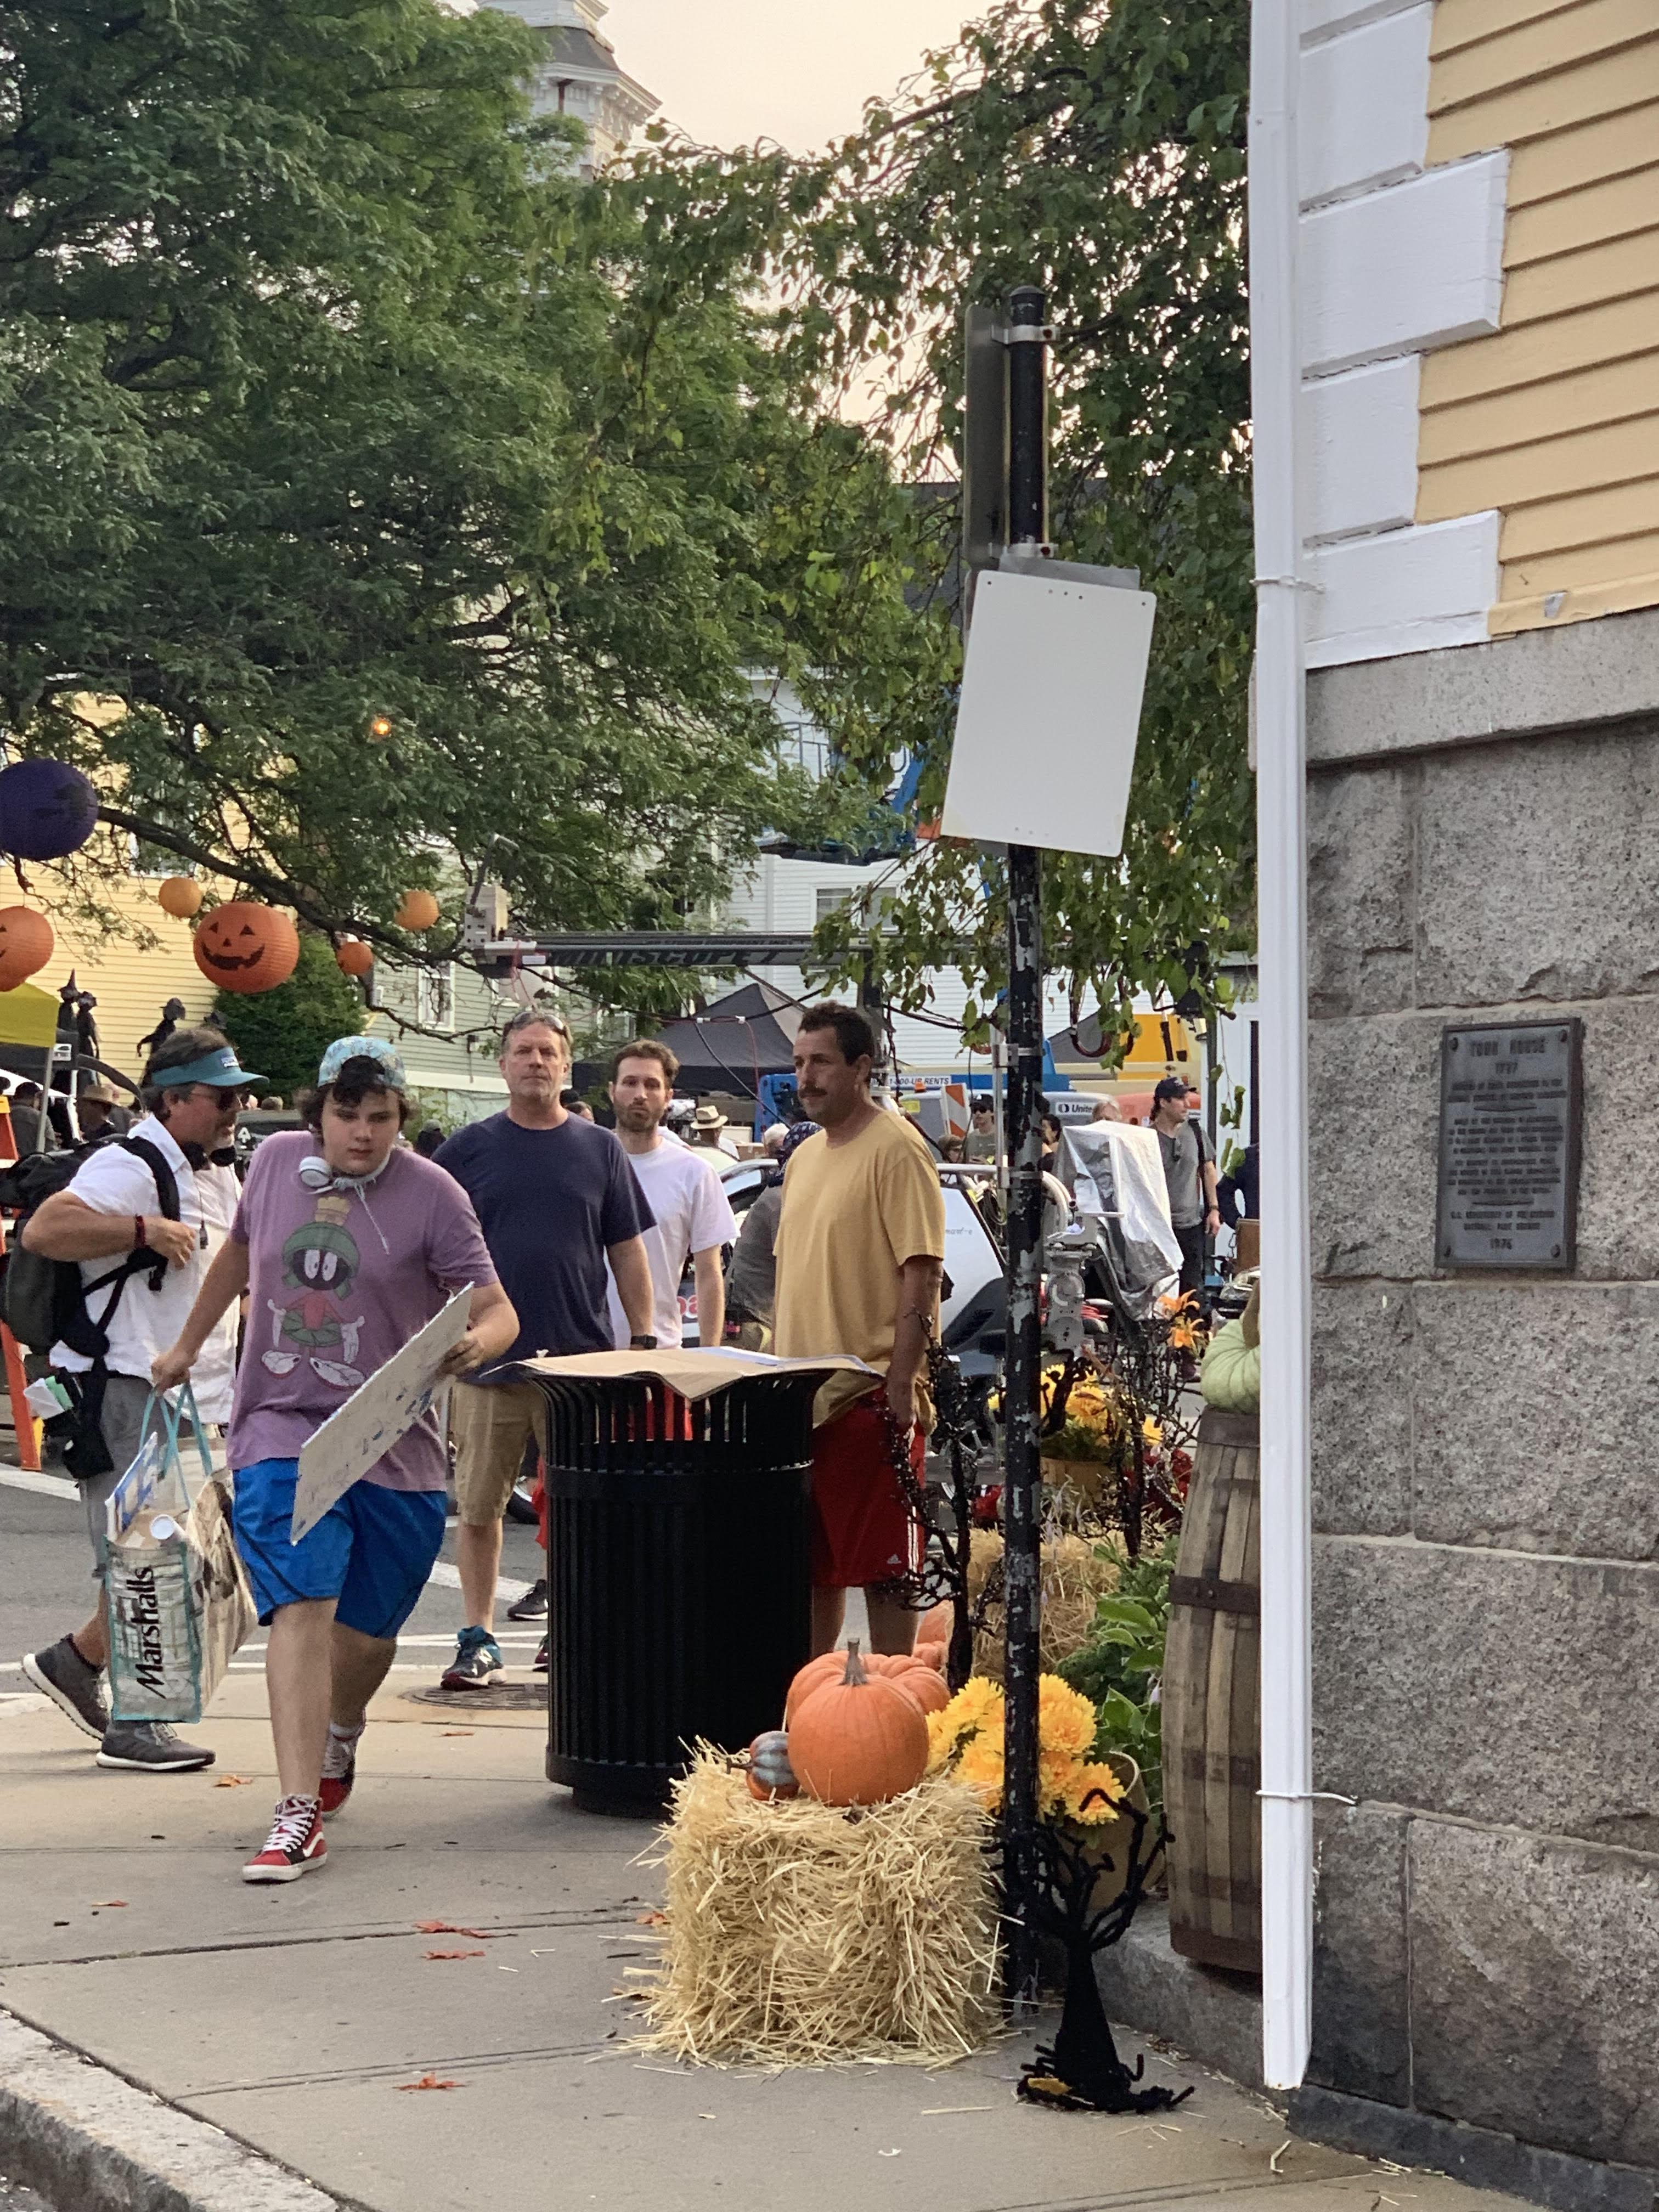 Adam Sandler Returns To The North Shore To Film Hubie Halloween The Boston Globe